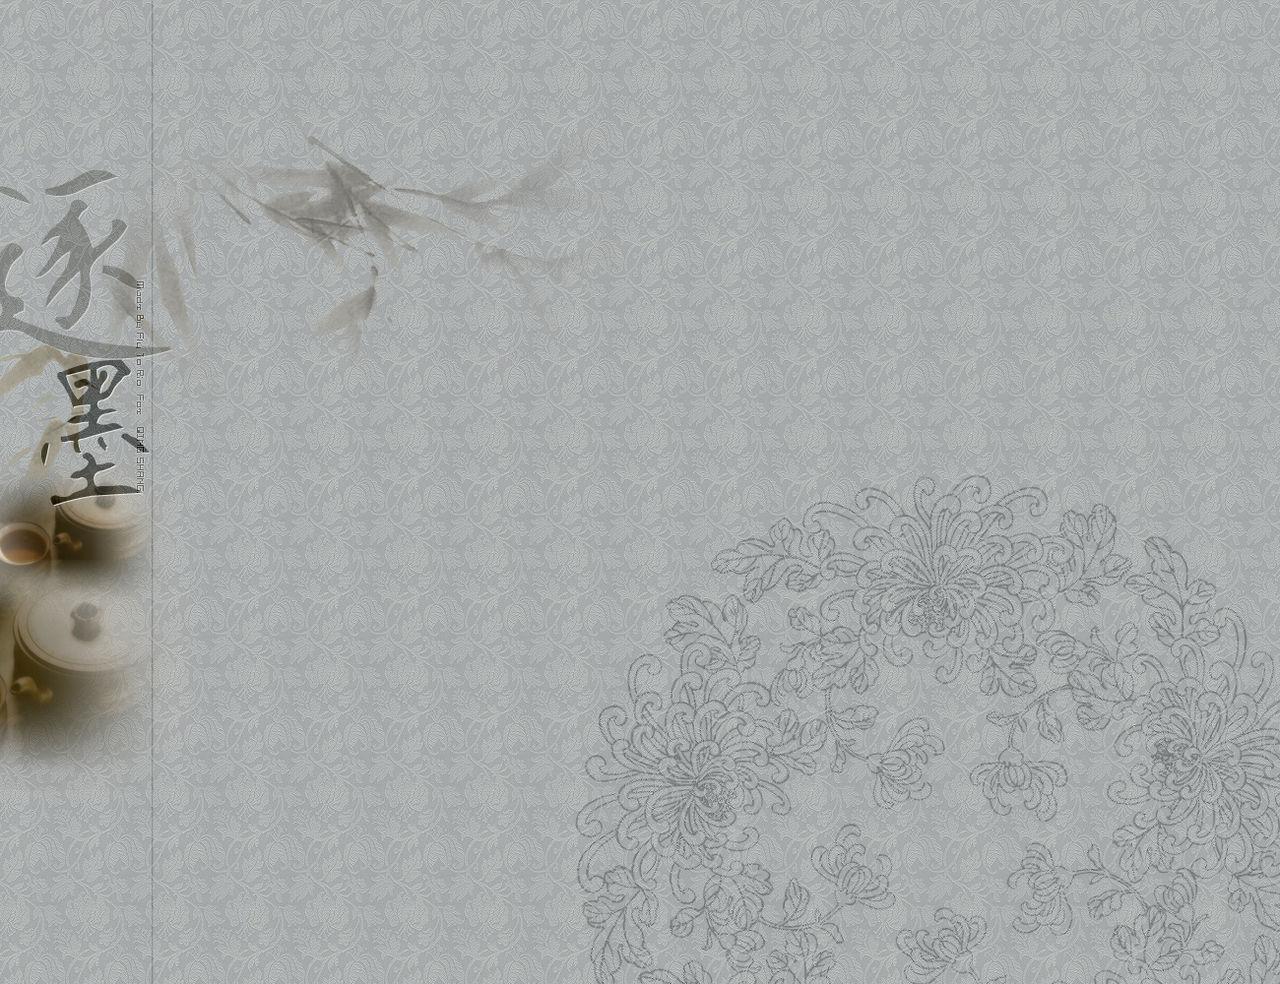 耽美手绘图_古风的背景图_古风背景设计图__绘画书法_文化艺术_设计图库_昵 ...